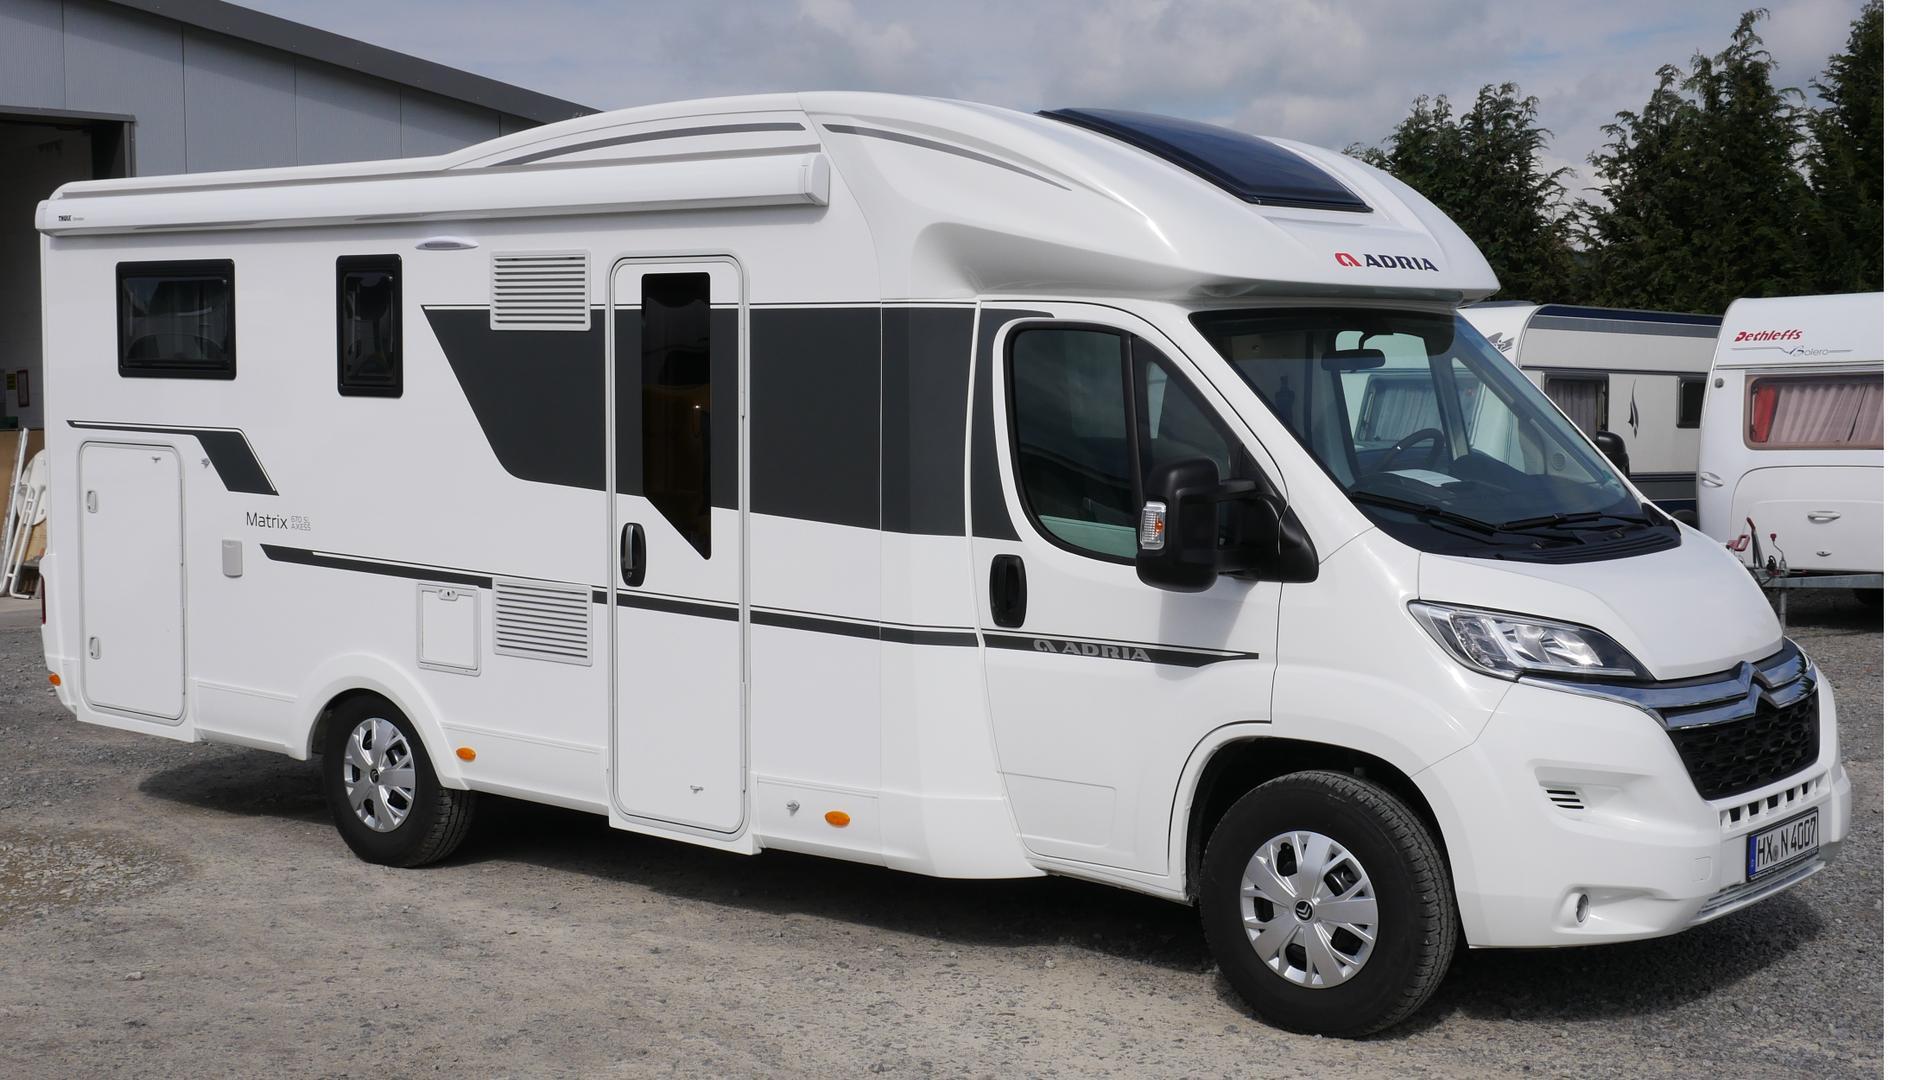 Wohnmobil Teilintegriert Adria Matrix M 9 SP mieten - 9,9 EUR pro Tag -  mietmeile.de